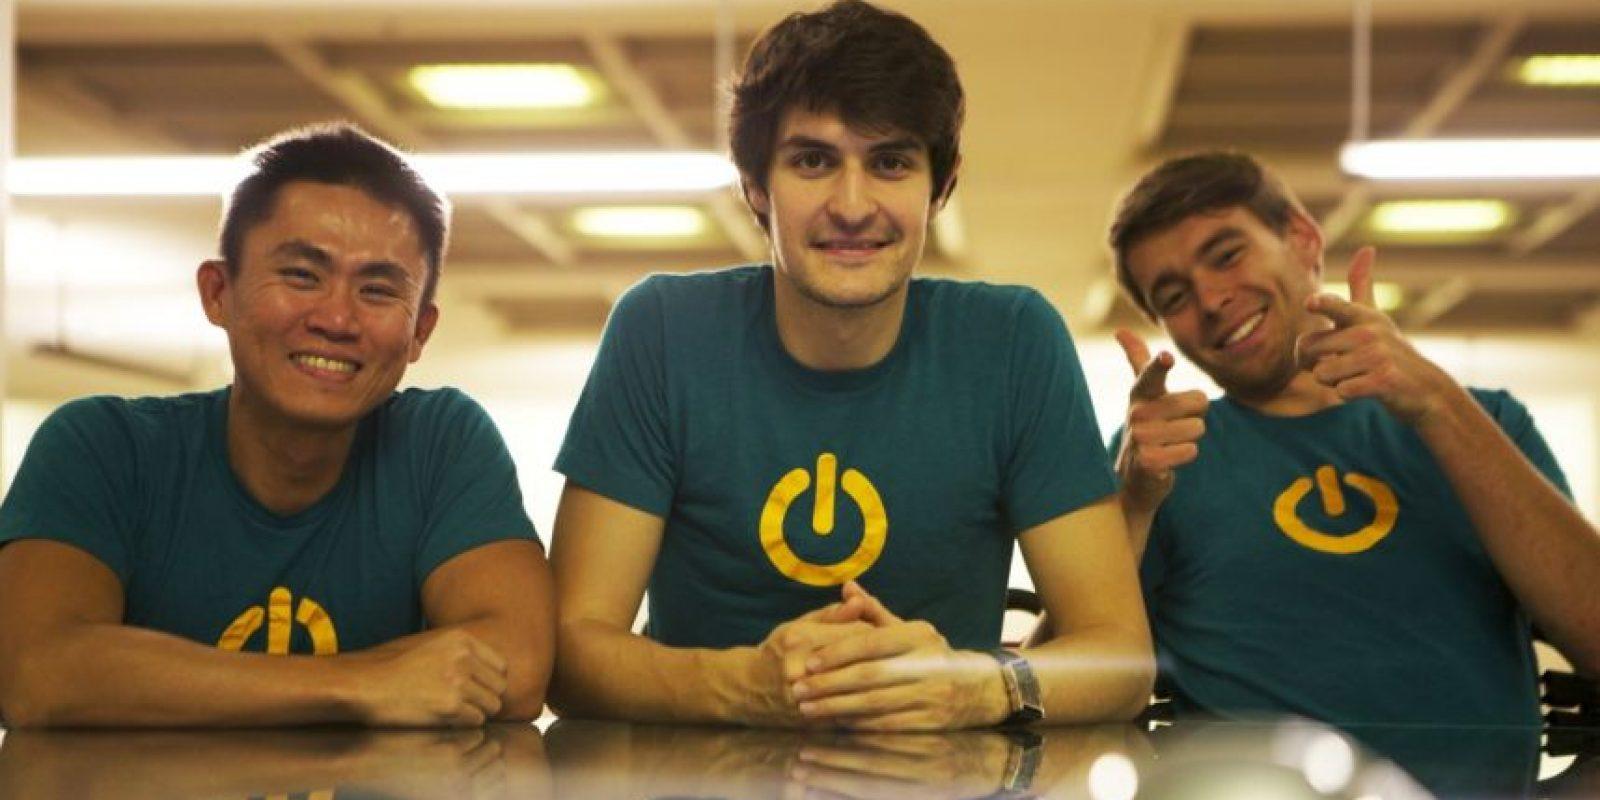 El equipo de Transcense. Foto:Transcense